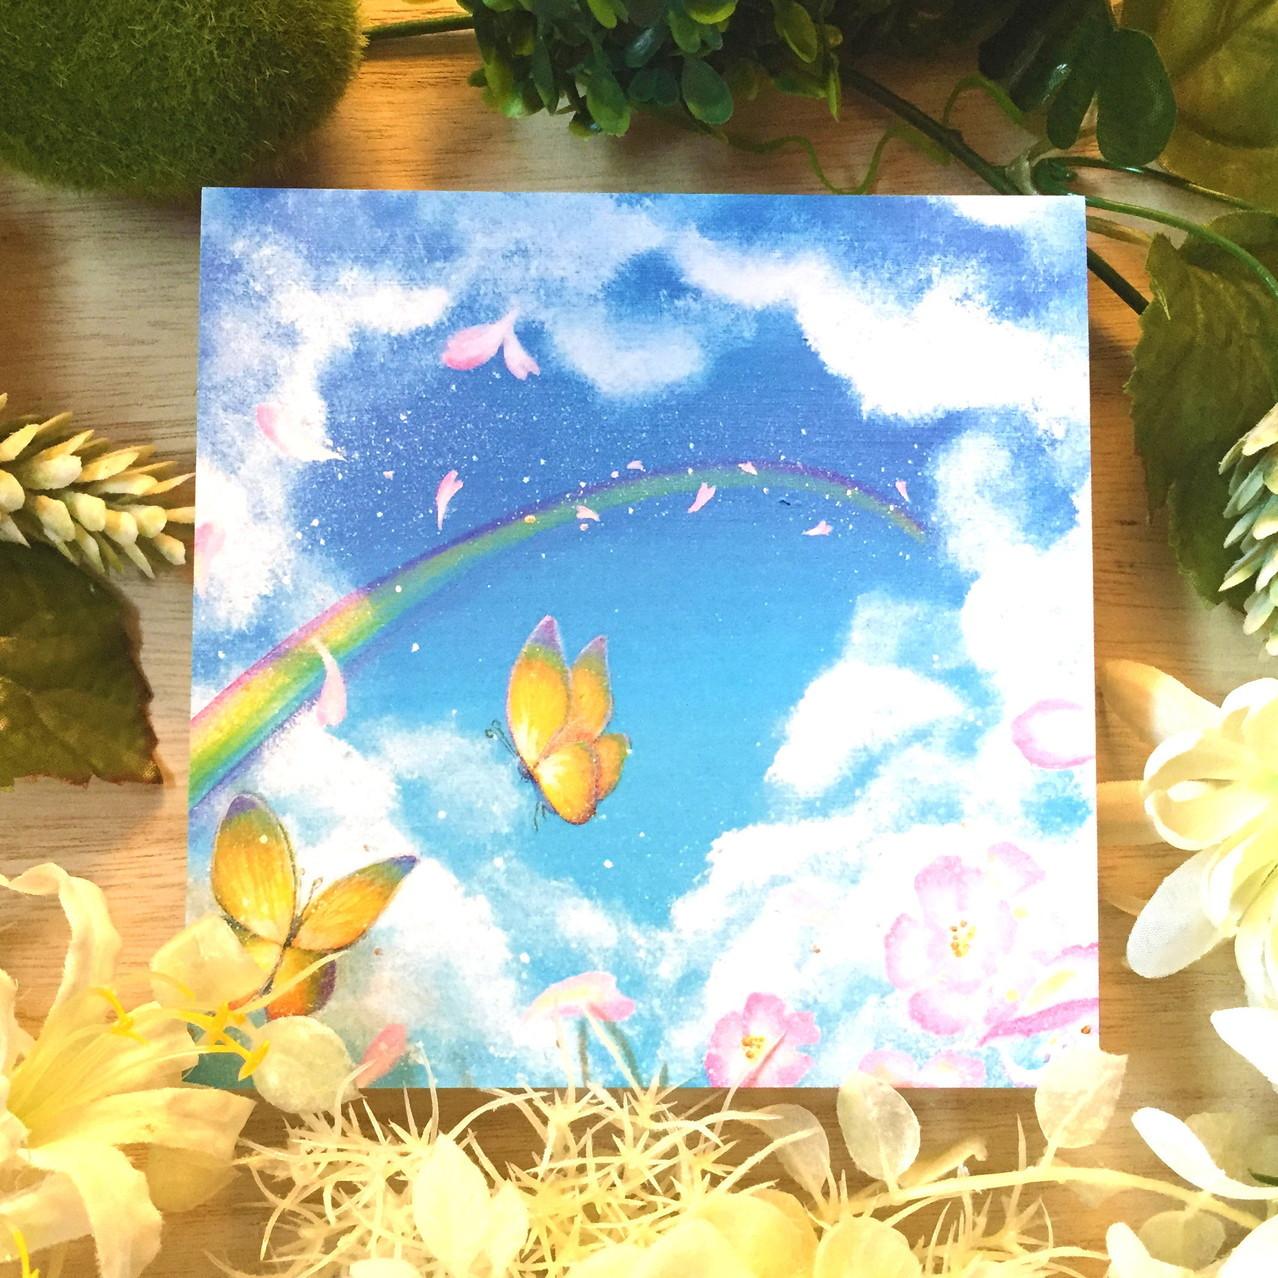 絵画 インテリア アートパネル 雑貨 壁掛け 置物 おしゃれ 空 虹 蝶 アクリル画 パステル画 水彩画 ロココロ 画家 : Satoko Rin 作品 : 約束の空